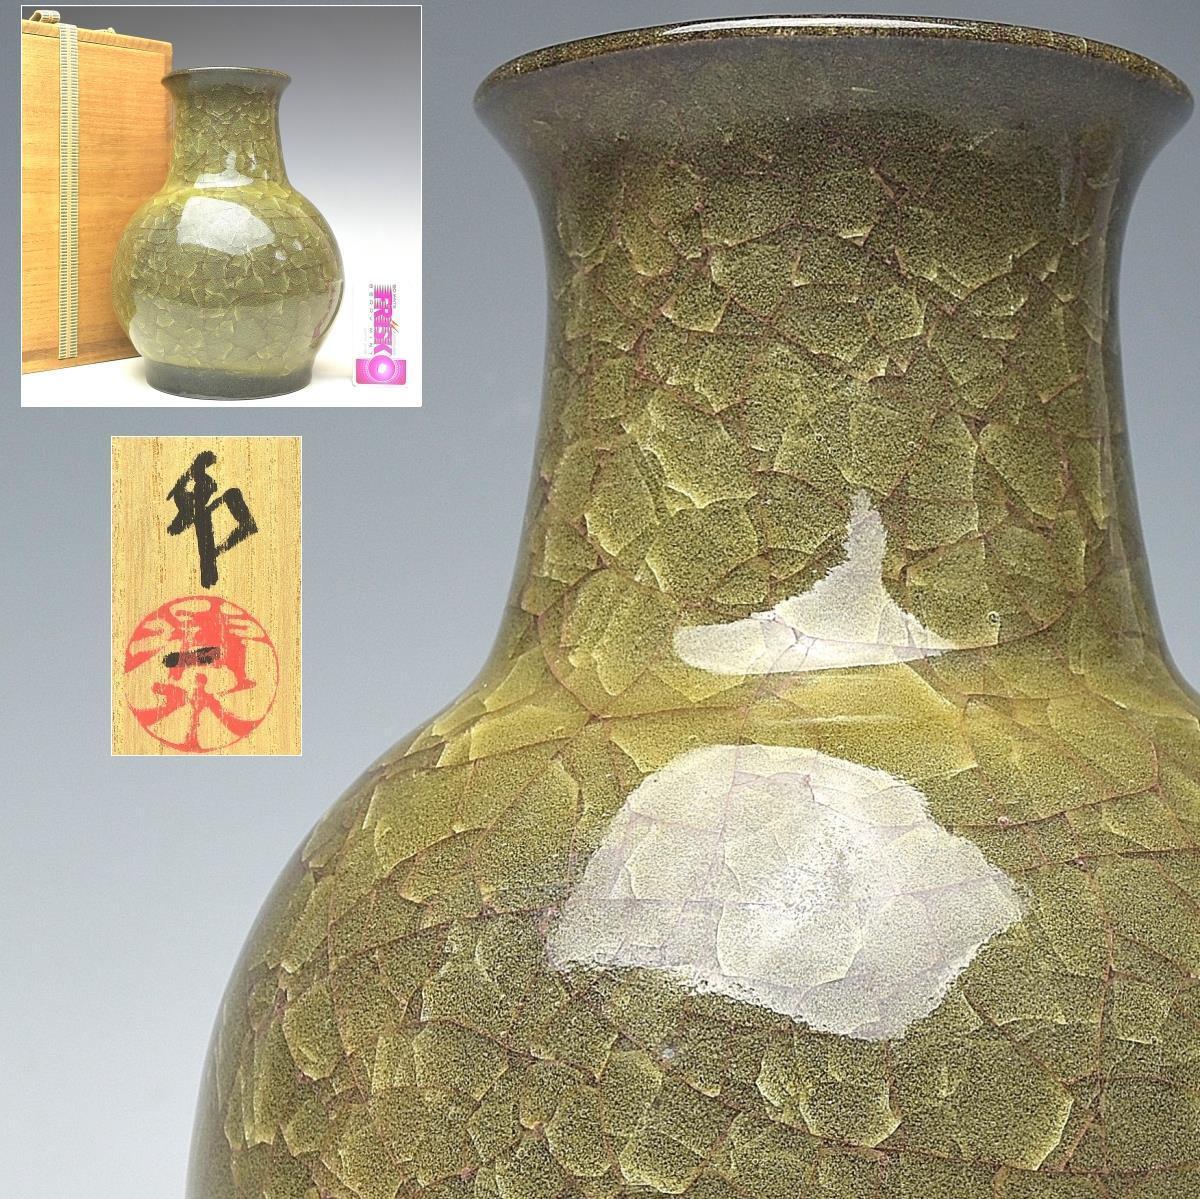 【趣楽】晩年希少秀逸作品 人間国宝 清水卯一作 萌黄瓷花瓶 高さ21cm 共箱 共布 重複氷裂 本物保証 R1441_画像1